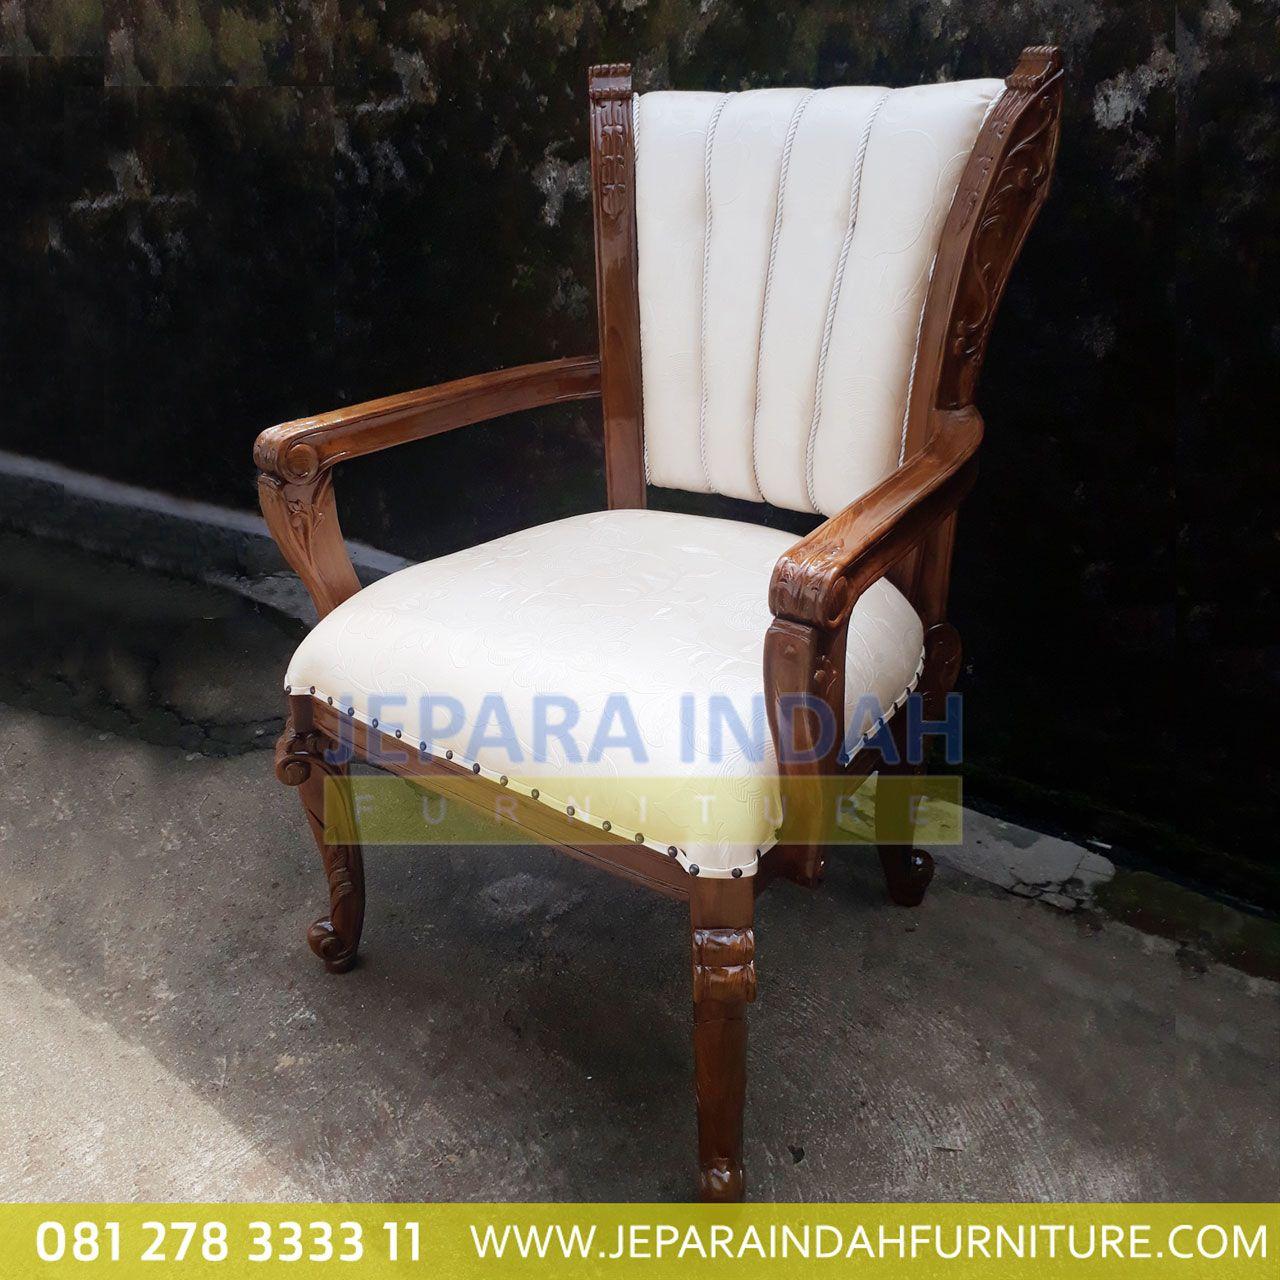 Ingin mengisi ruang keluarga dan ruang tamu semakin cantik? kami menjual kursi armchair adena dengan ukiran jepara klasik hasil yang halus dan rapi membuat interior rumahmu semakin cantik. Terbuat dari kayu jati berkualitas bagus harga murah. #kursiarmchair #kursisofa #kursijati #sofajati #kursimakan #kursimewah